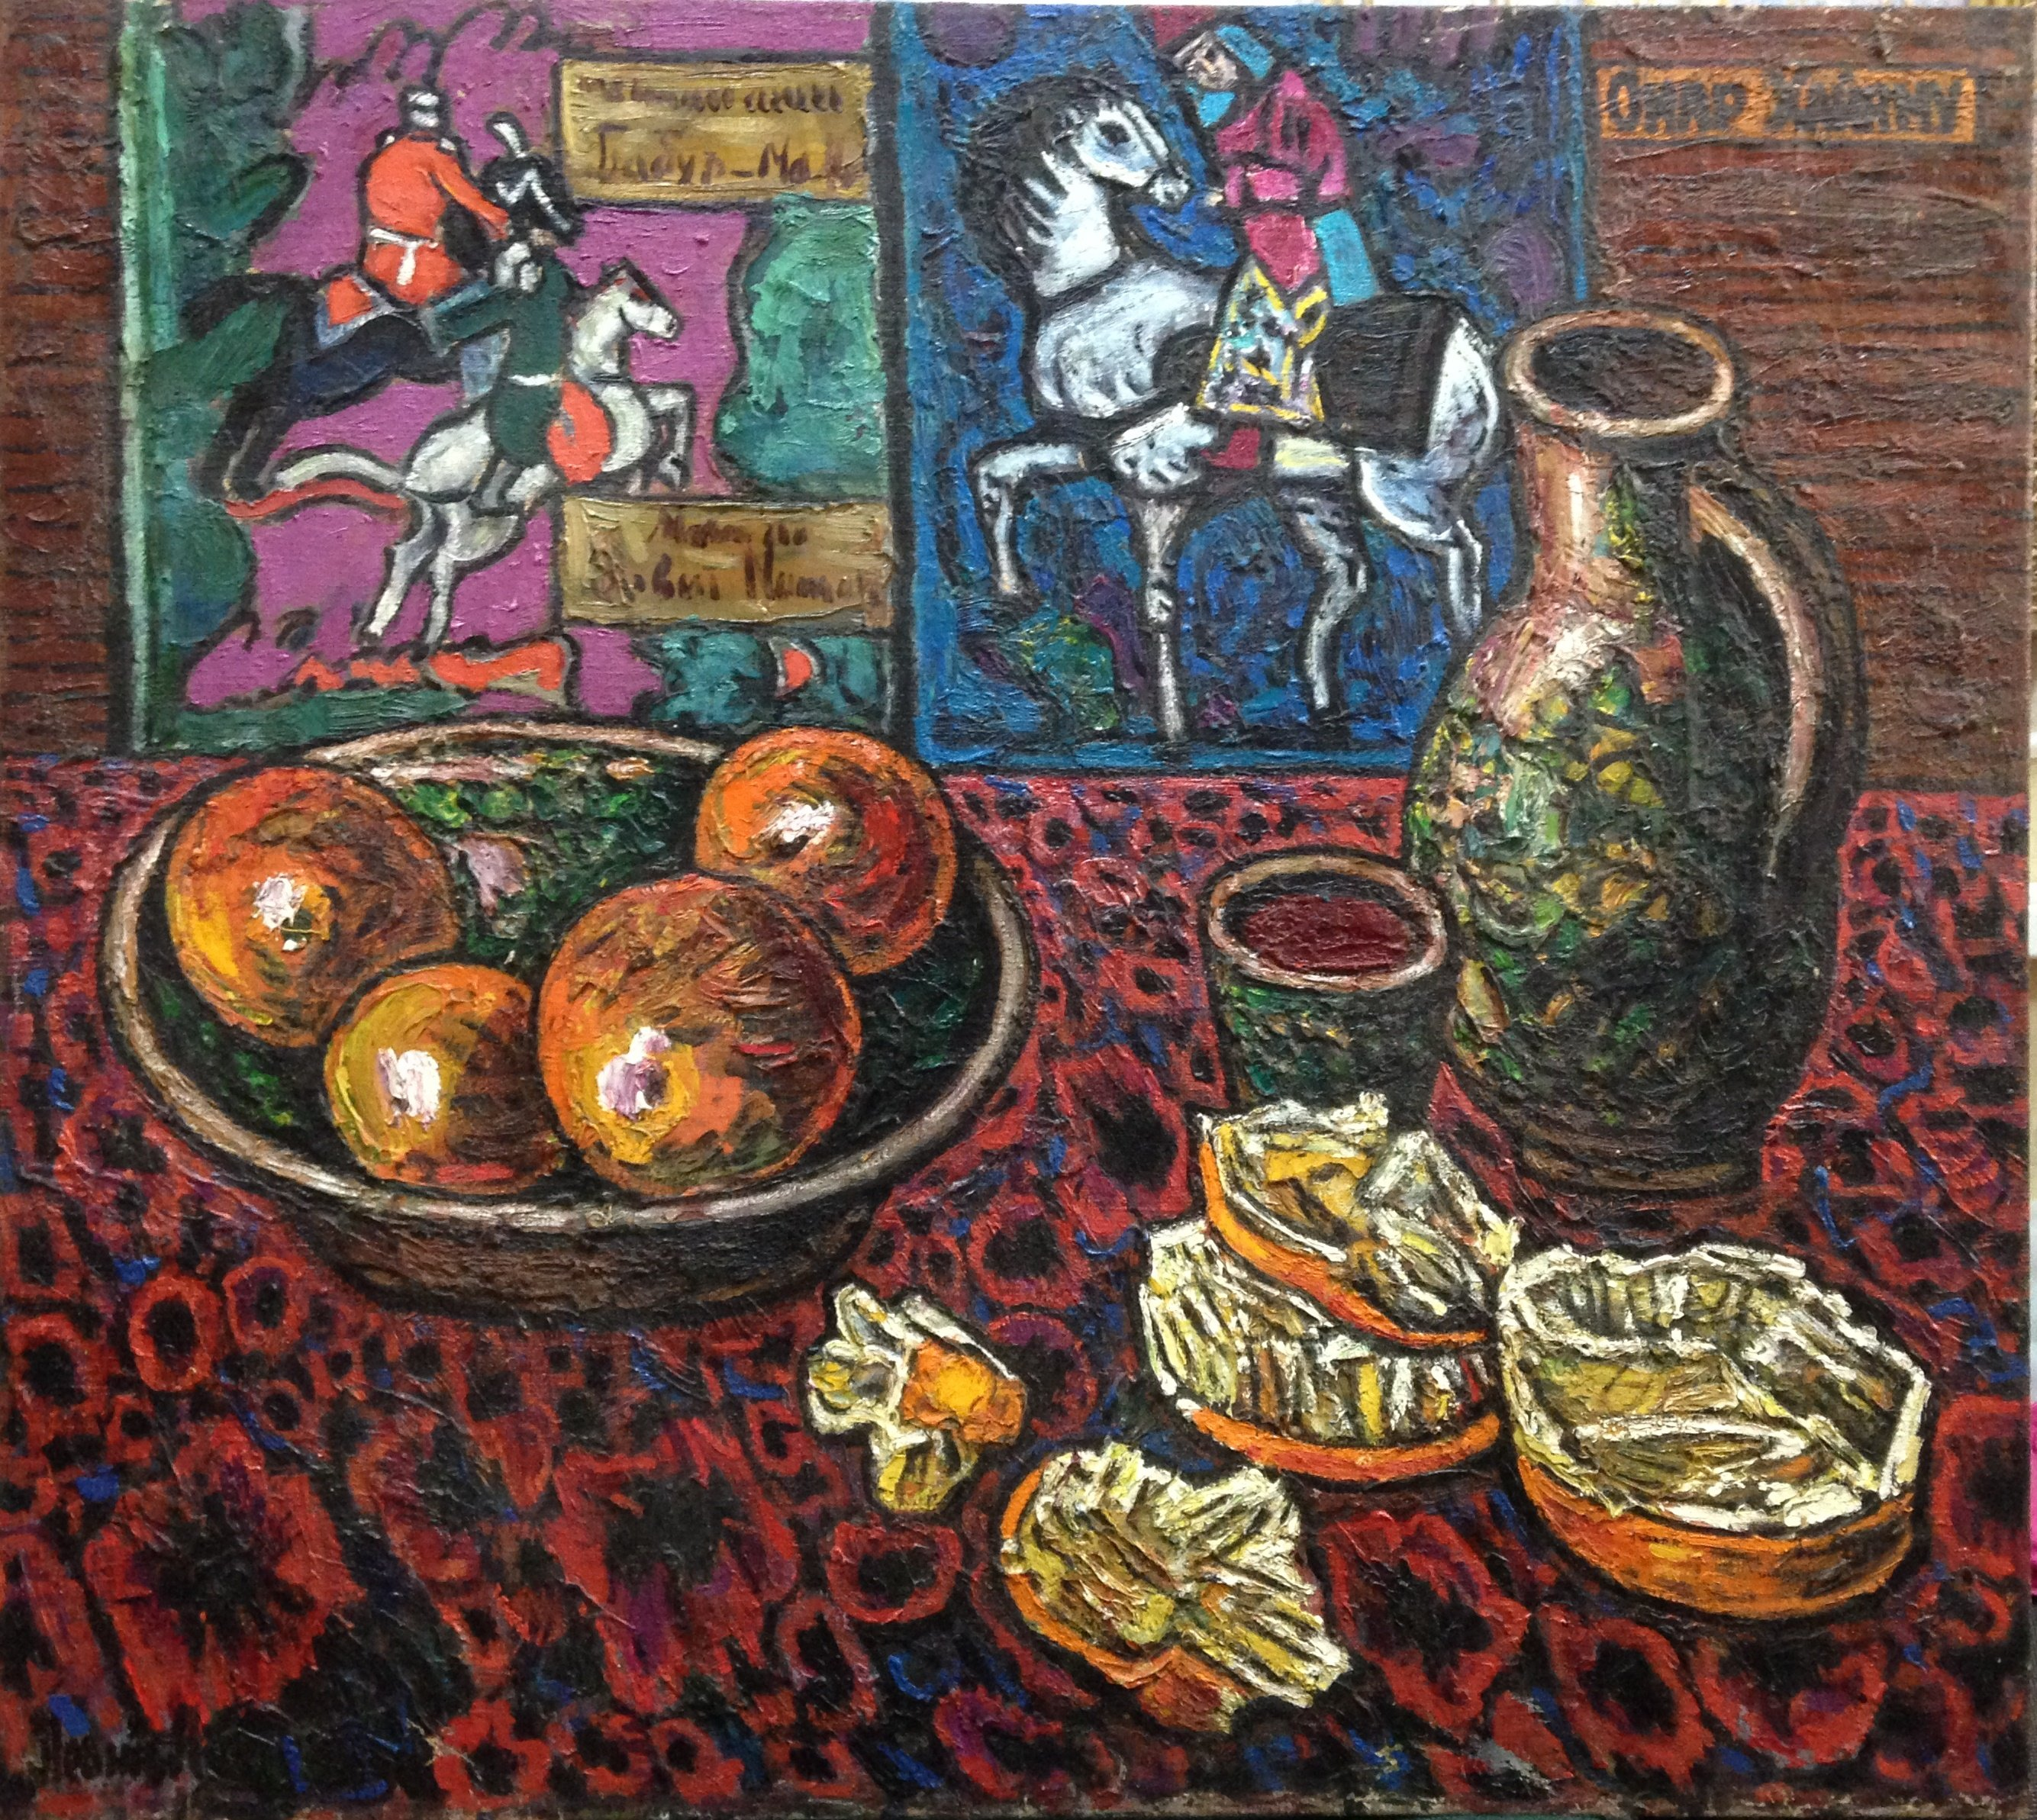 Натюрморт «Омар Хаям» 1977 - Литвин Леонид Григорьевич